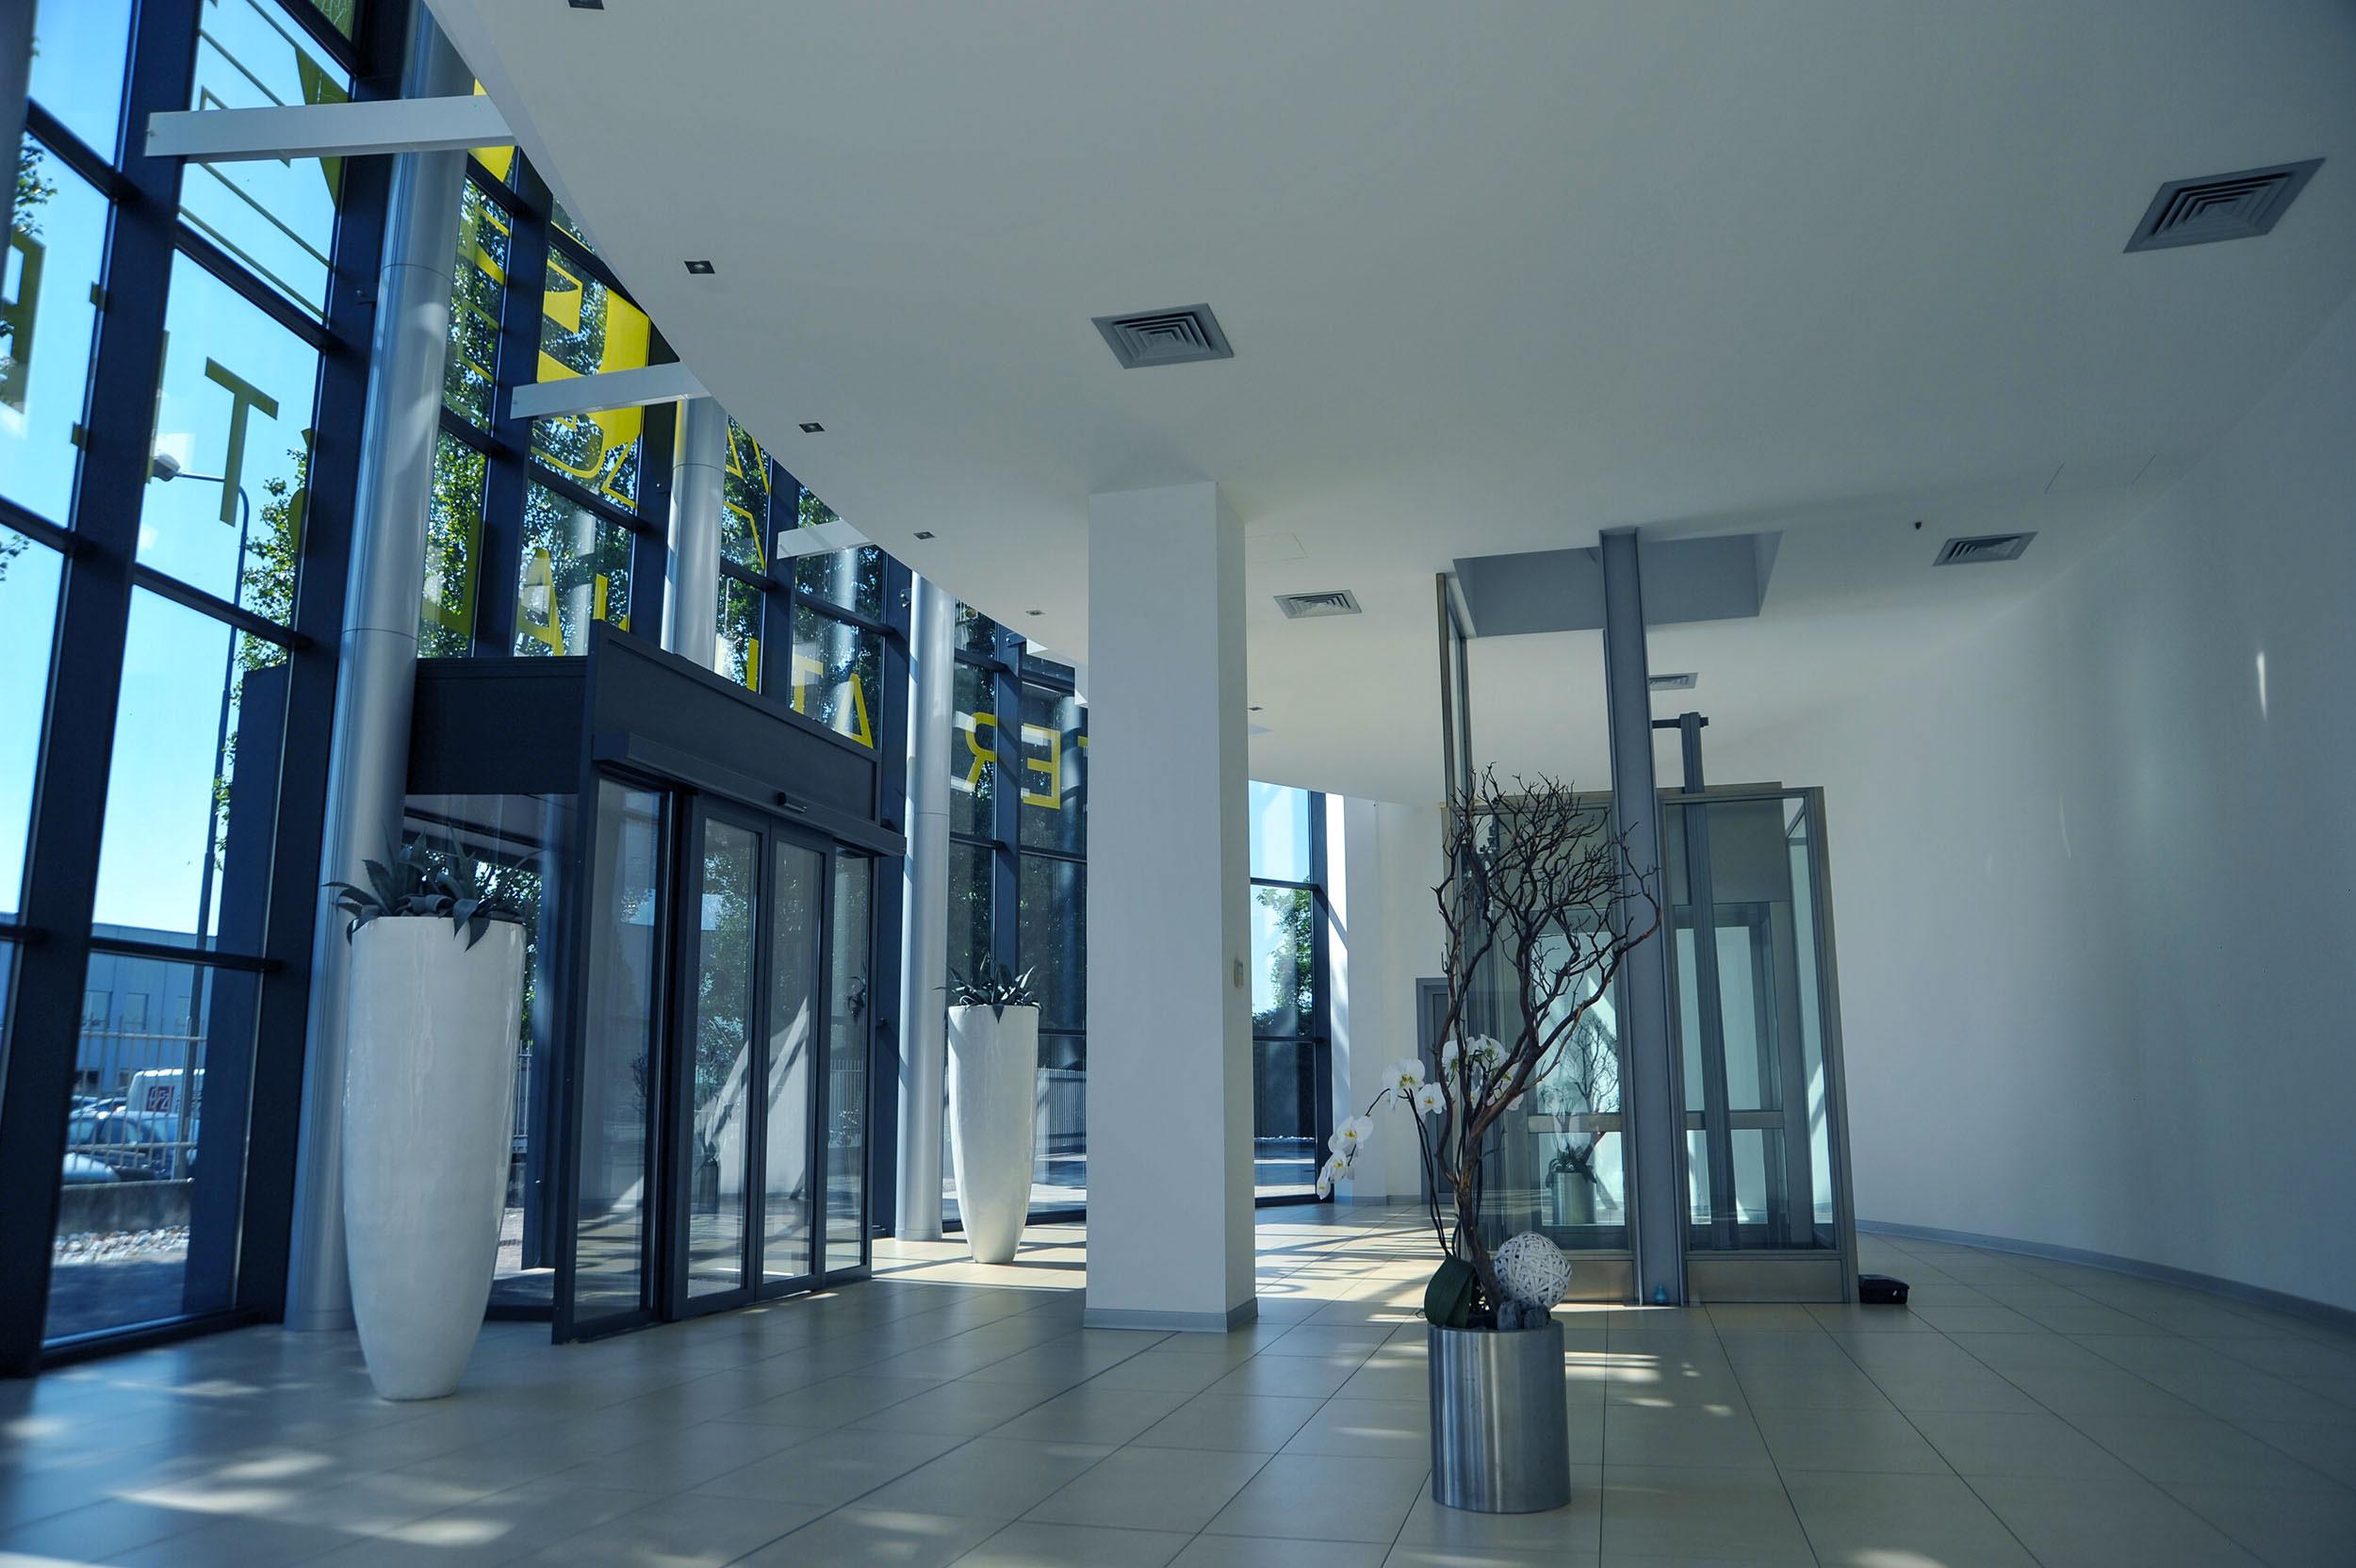 8 - ASG SPA OFFICE - UFFICIO ASG SPA